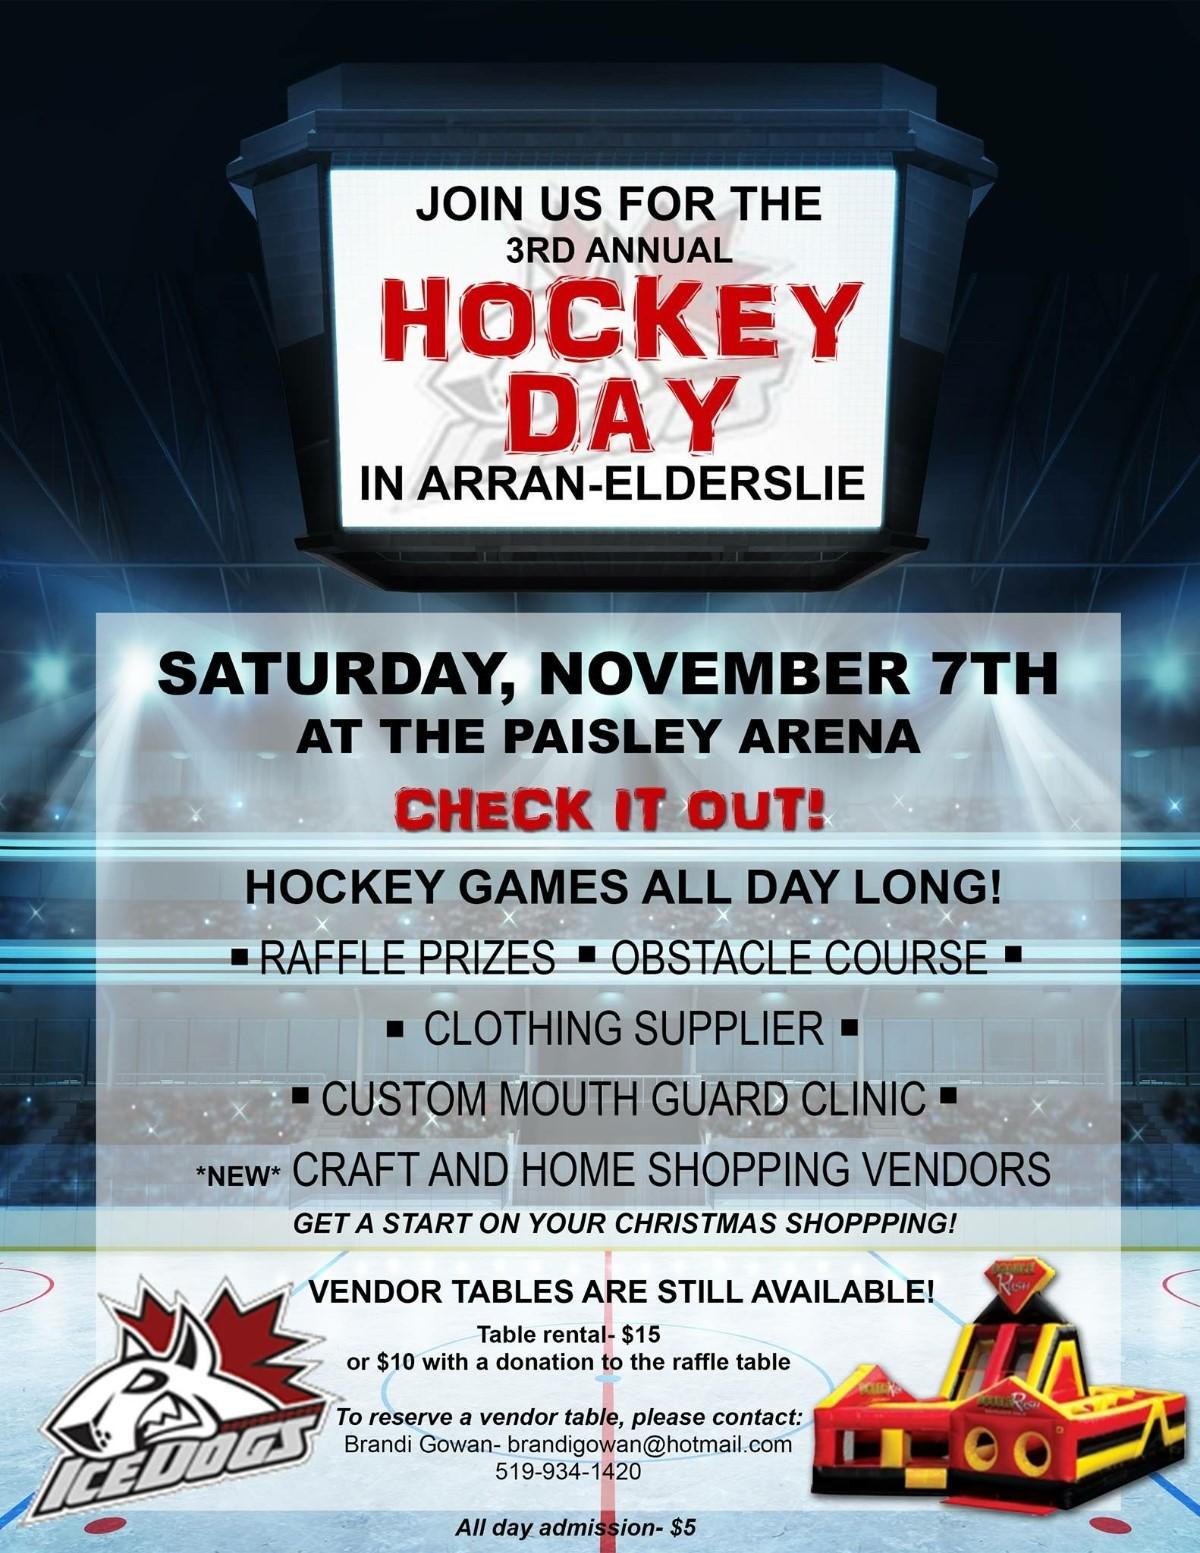 Hockey_Day_in_Arran-Elderslie_Poster_2015.jpg